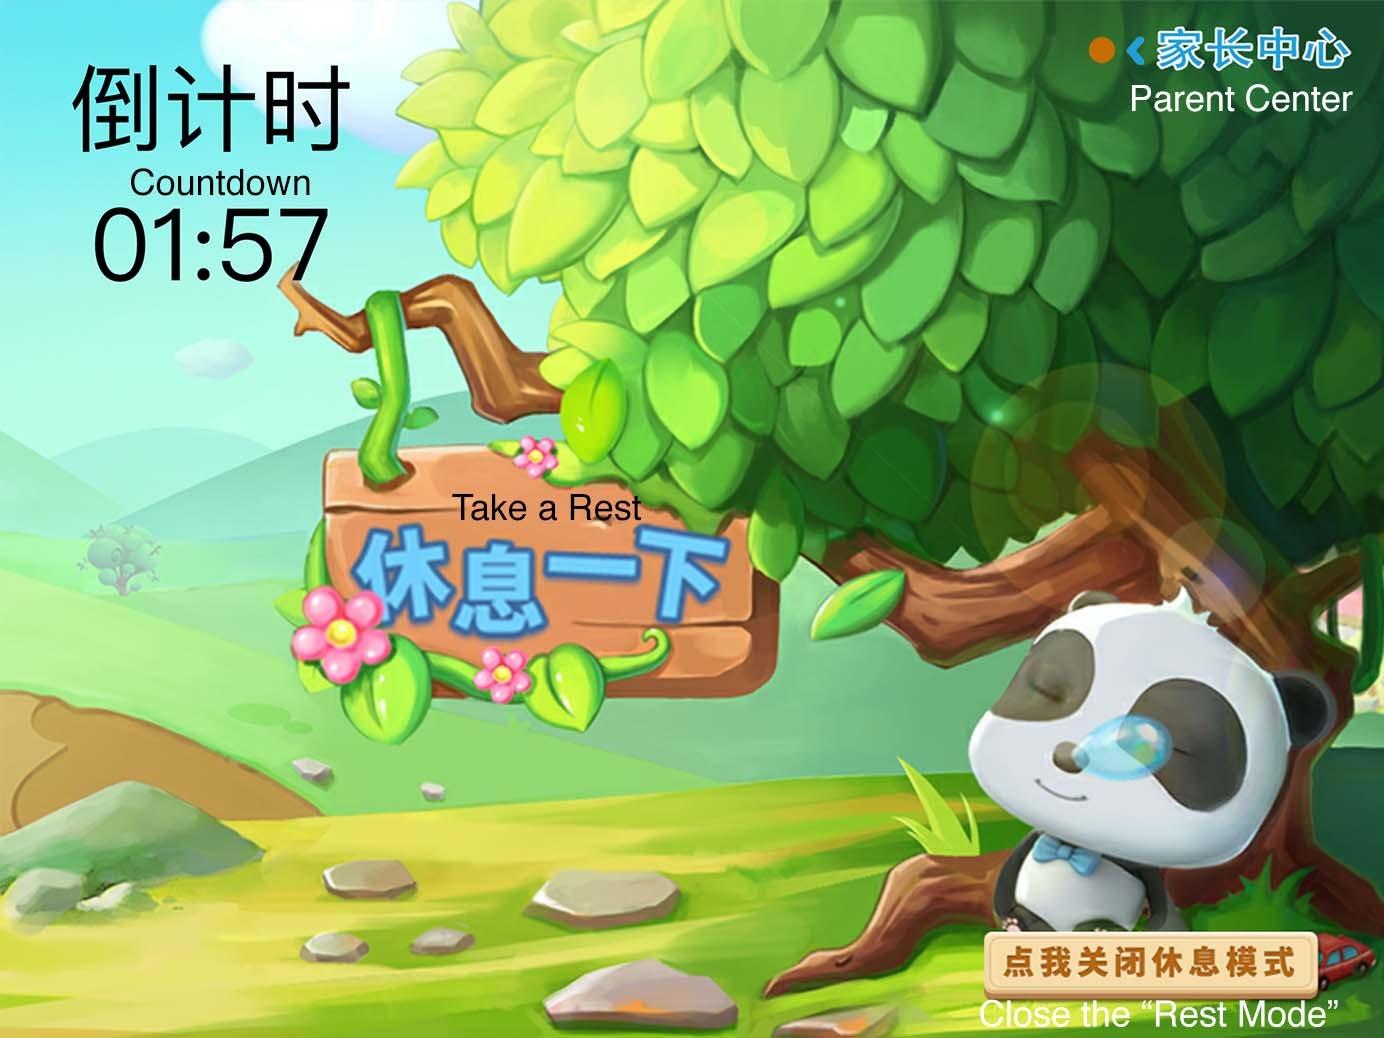 Китайское приложение Baby Bus для детей в возрасте от 2 до 8 лет позволяет родителям указывать, сколько времени дети могут играть непрерывно.